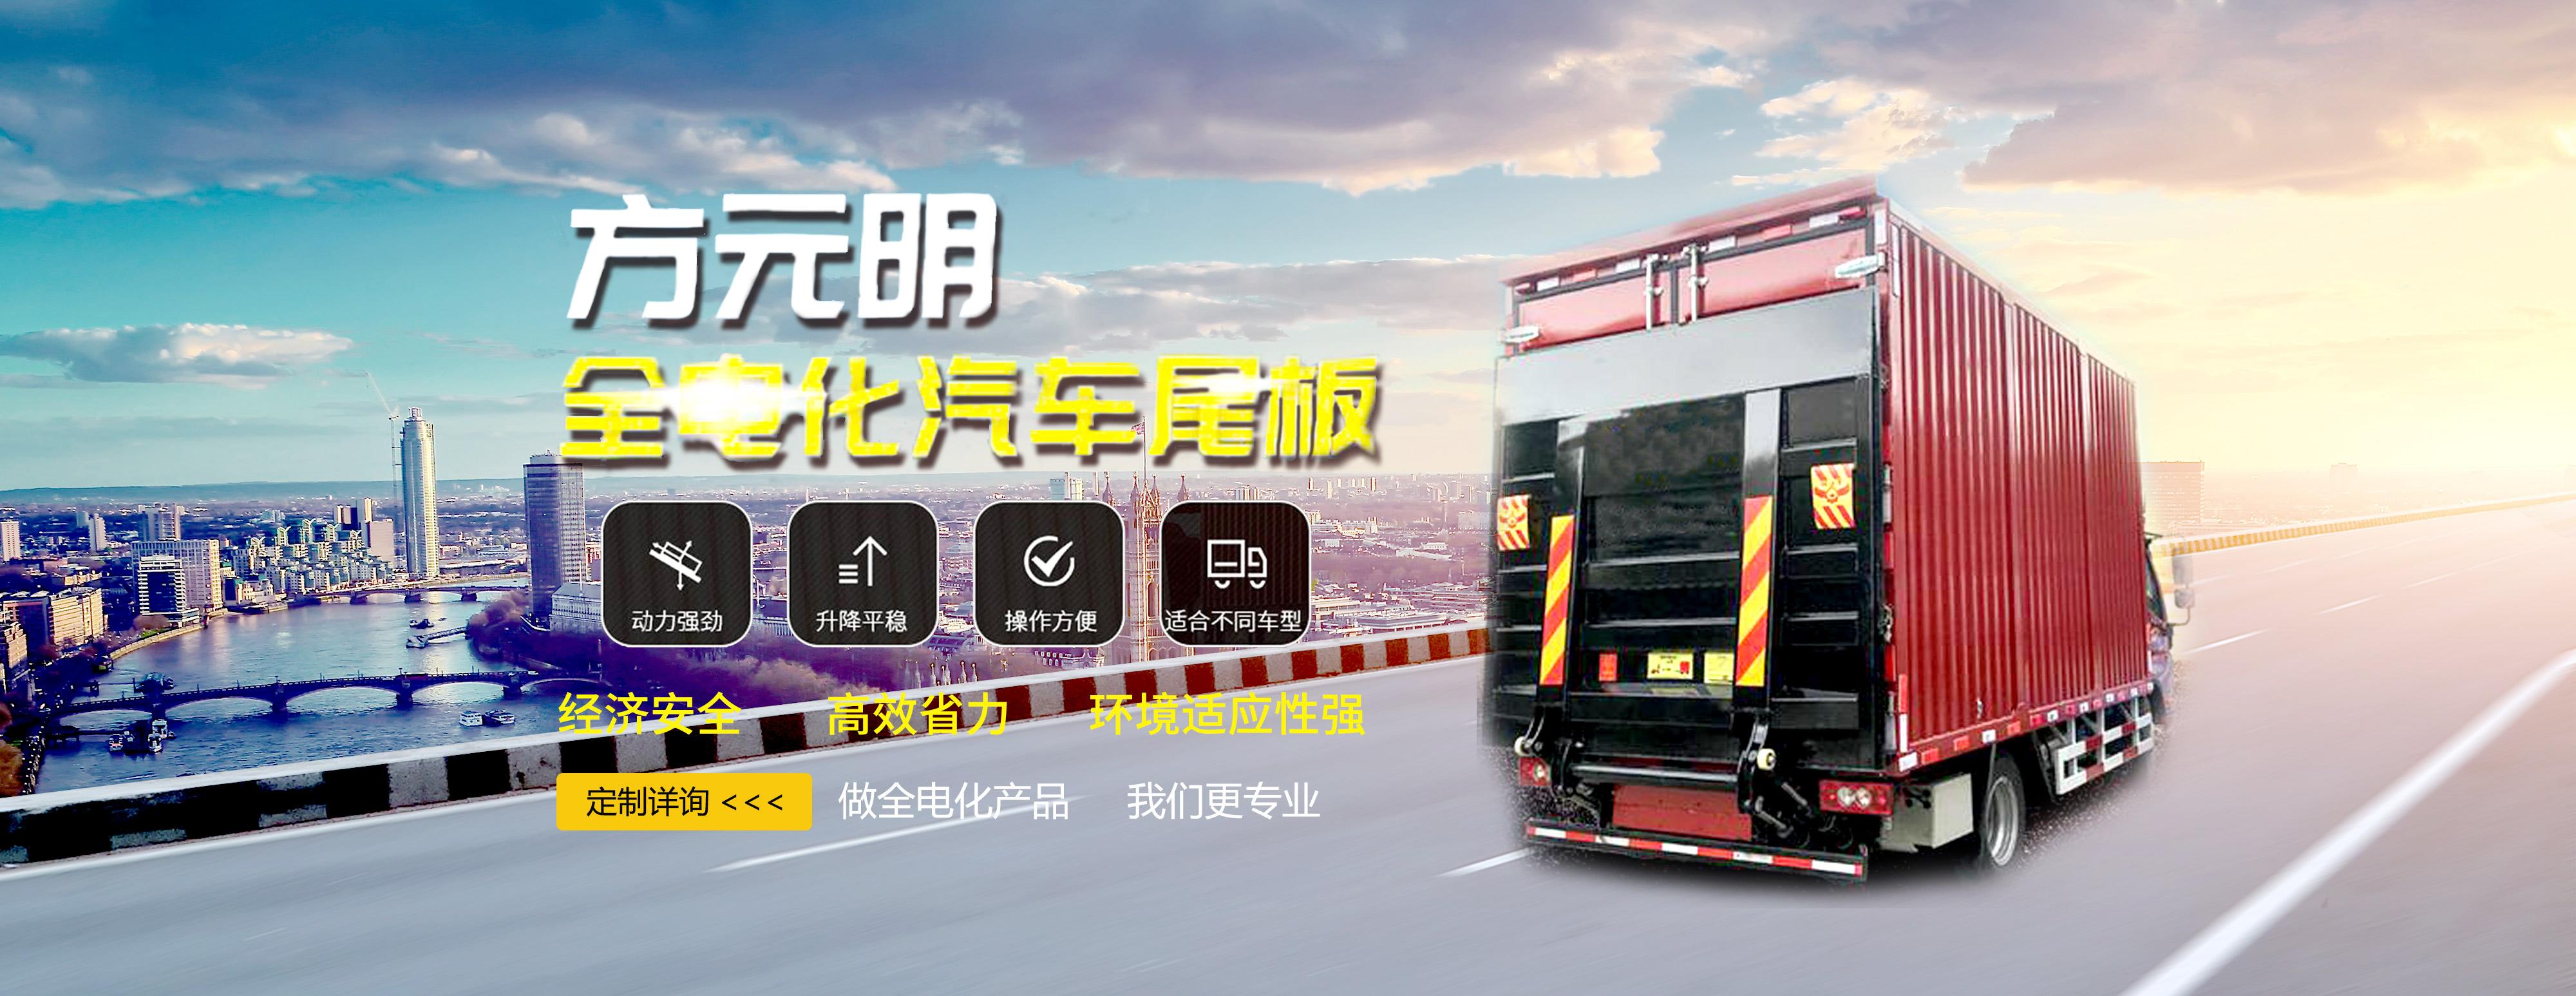 重载伺服电动缸,六自由度平台,电动汽车尾板,调平系统,高度计,搜跟瞄转台